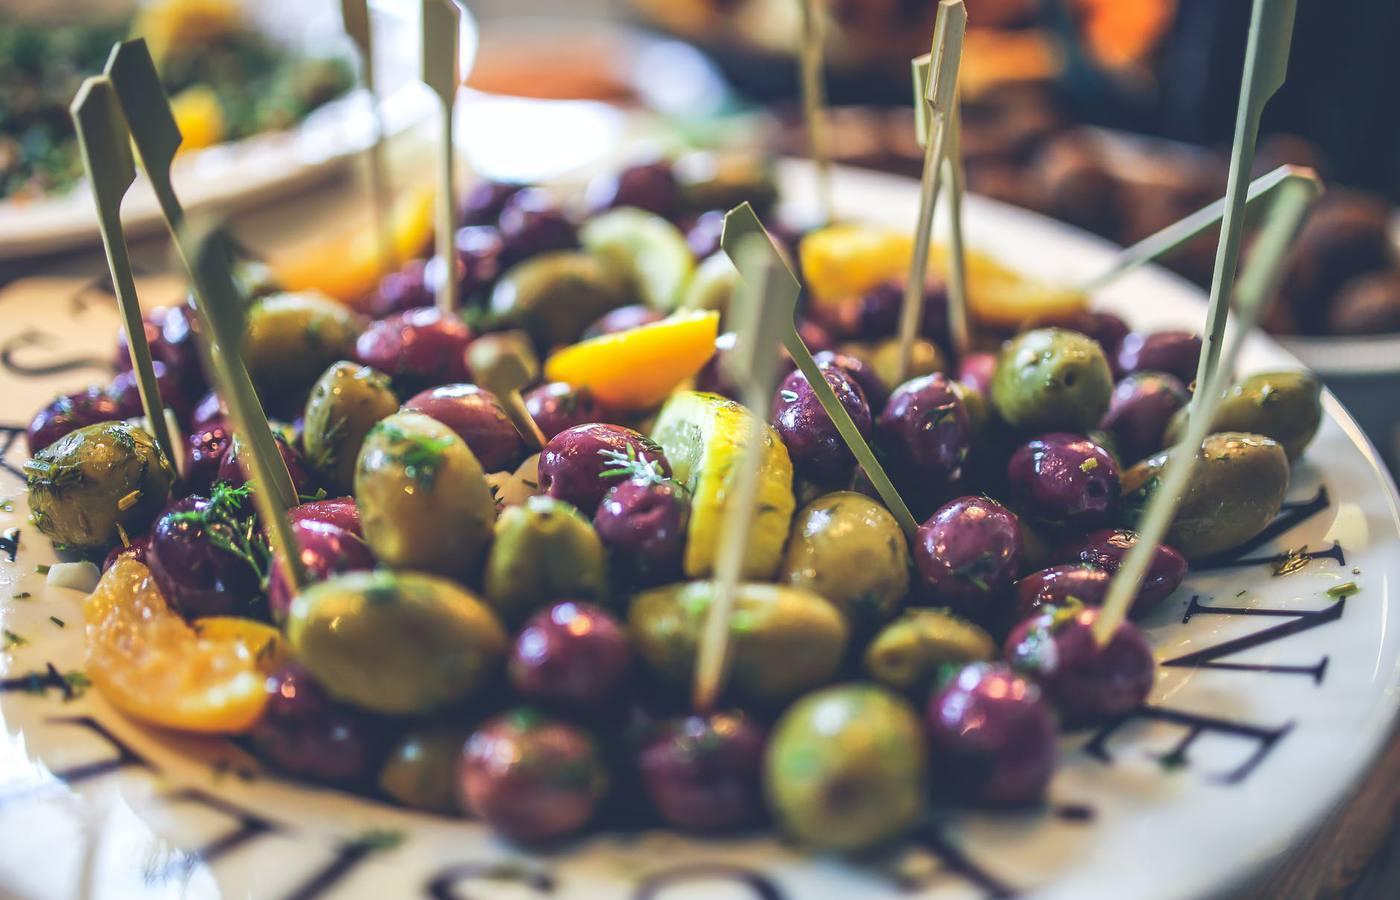 Brining Green Olives at Home